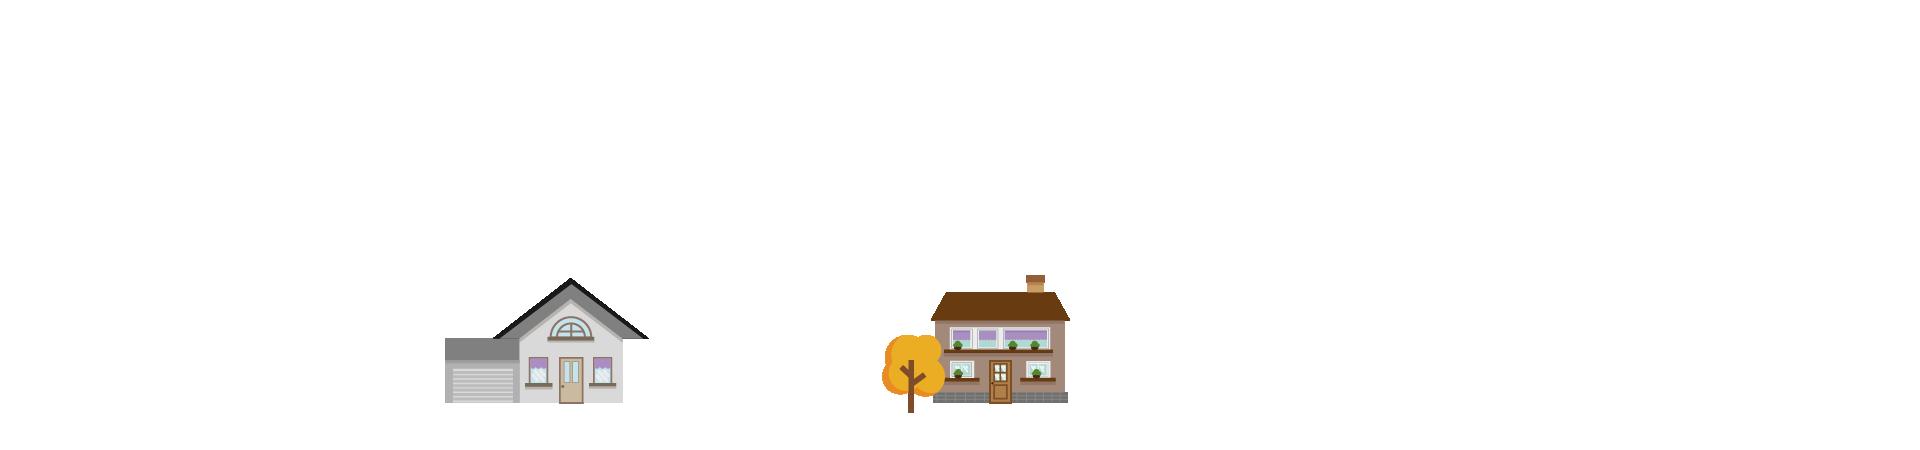 Essentia finance - Comment negocier un pret immobilier ...